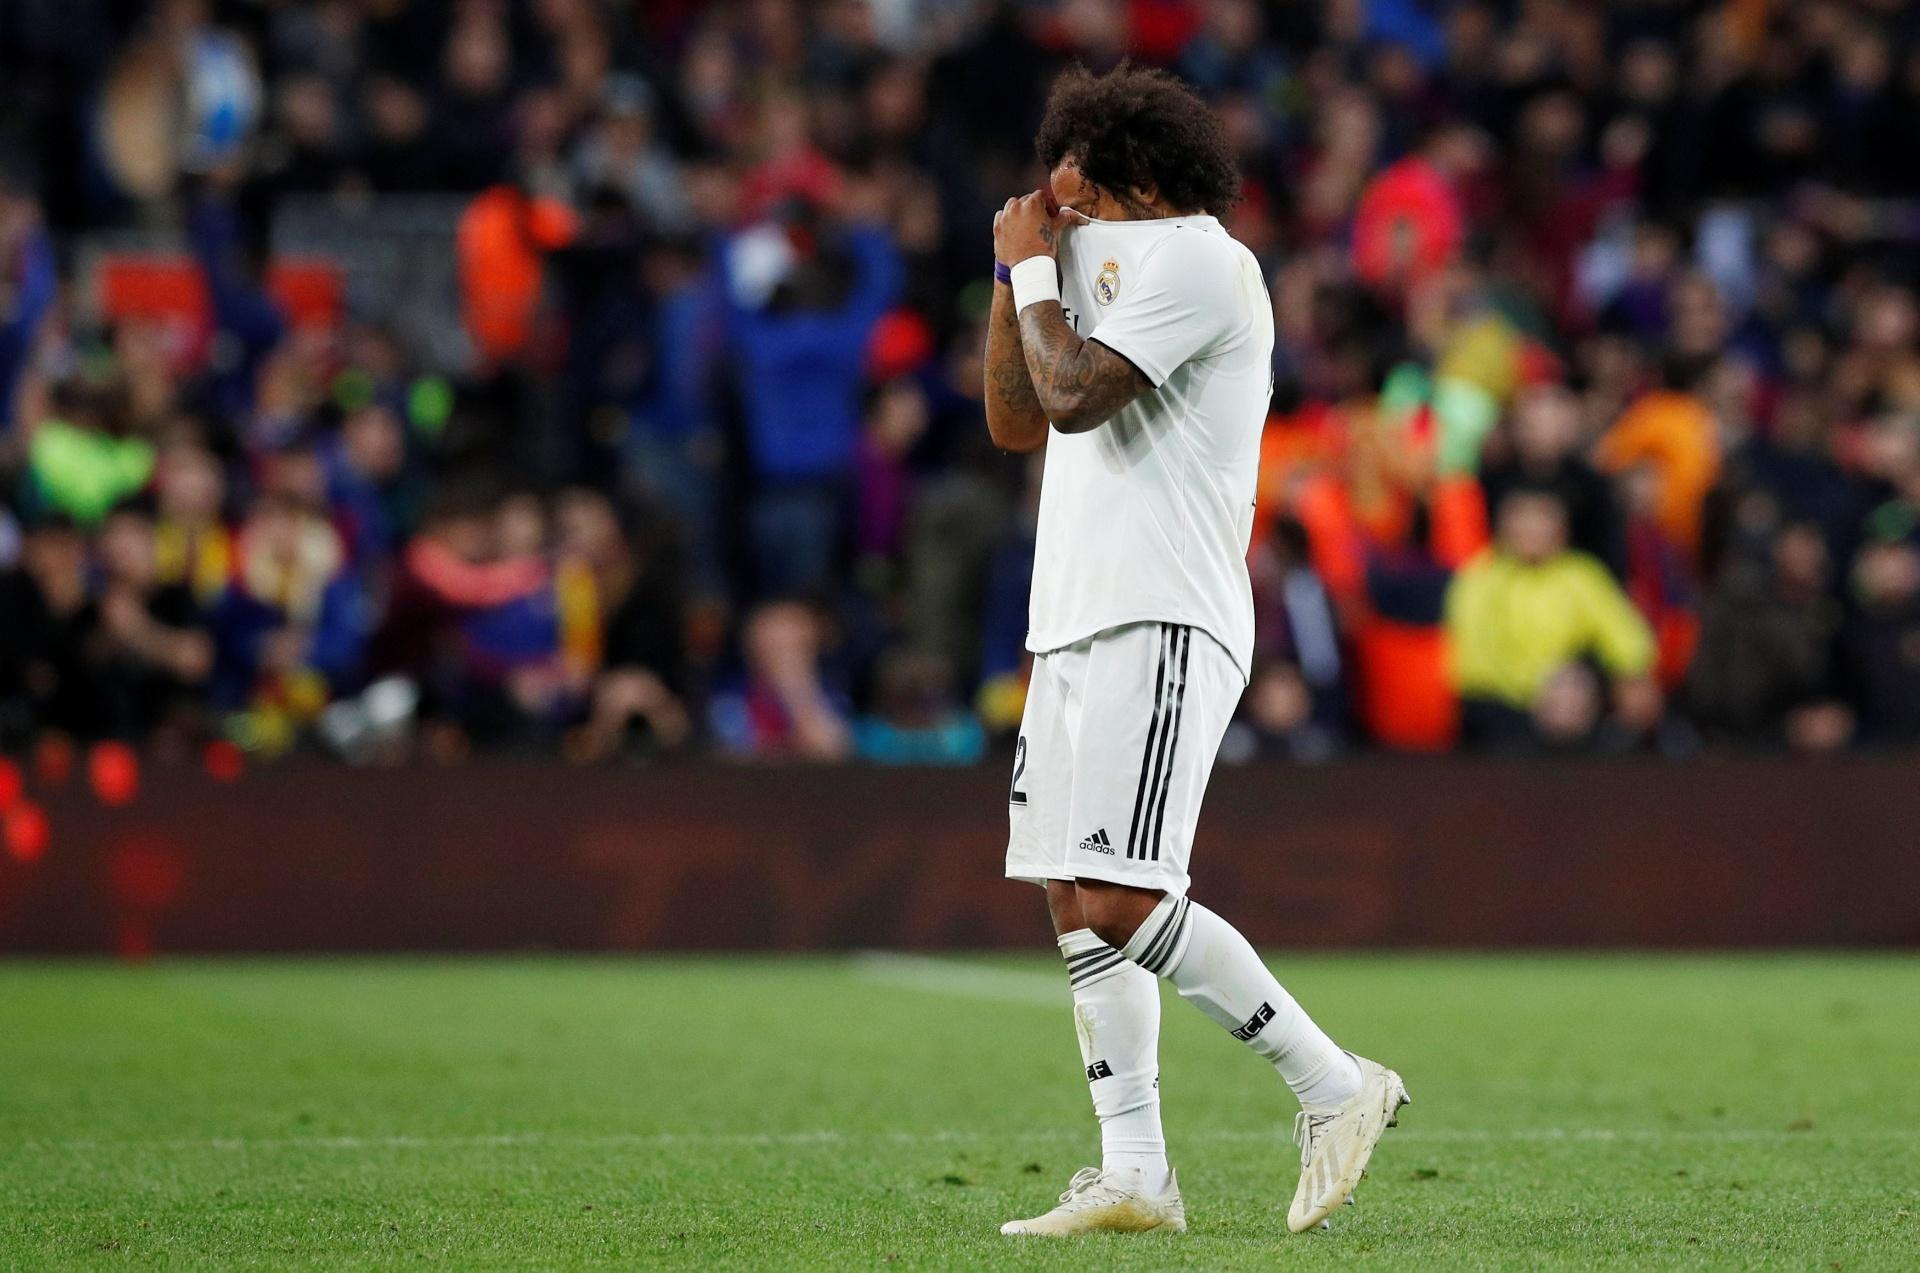 6ec3ac082ecbe Por que balança virou tema de discussão sobre Marcelo no Real Madrid -  06 02 2019 - UOL Esporte